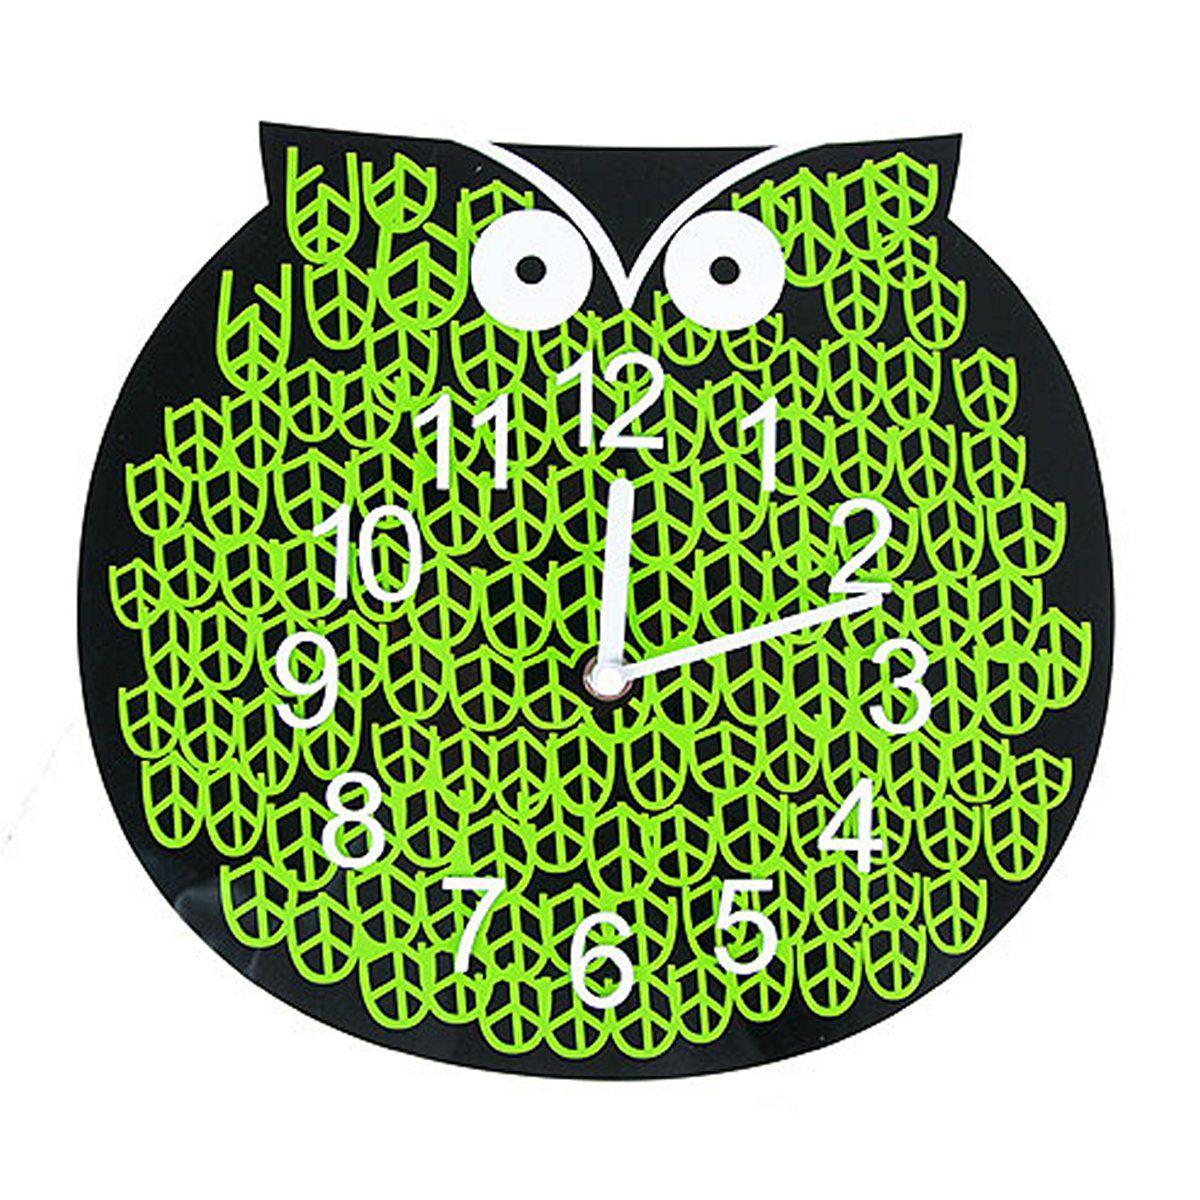 Часы настенные Русские Подарки, диаметр 30 см. 122417122417Настенные кварцевые часы Русские Подарки изготовлены из полиамида. Корпус оформлен изображением совы. Часы имеют две стрелки - часовую и минутную. С обратной стороны имеетсяпетелька для подвешивания на стену.Такие часы красиво и оригинально оформят интерьер дома или офиса. Также часы могут стать уникальным, полезным подарком для родственников, коллег, знакомых и близких.Часы работают от батареек типа АА (в комплект не входят).